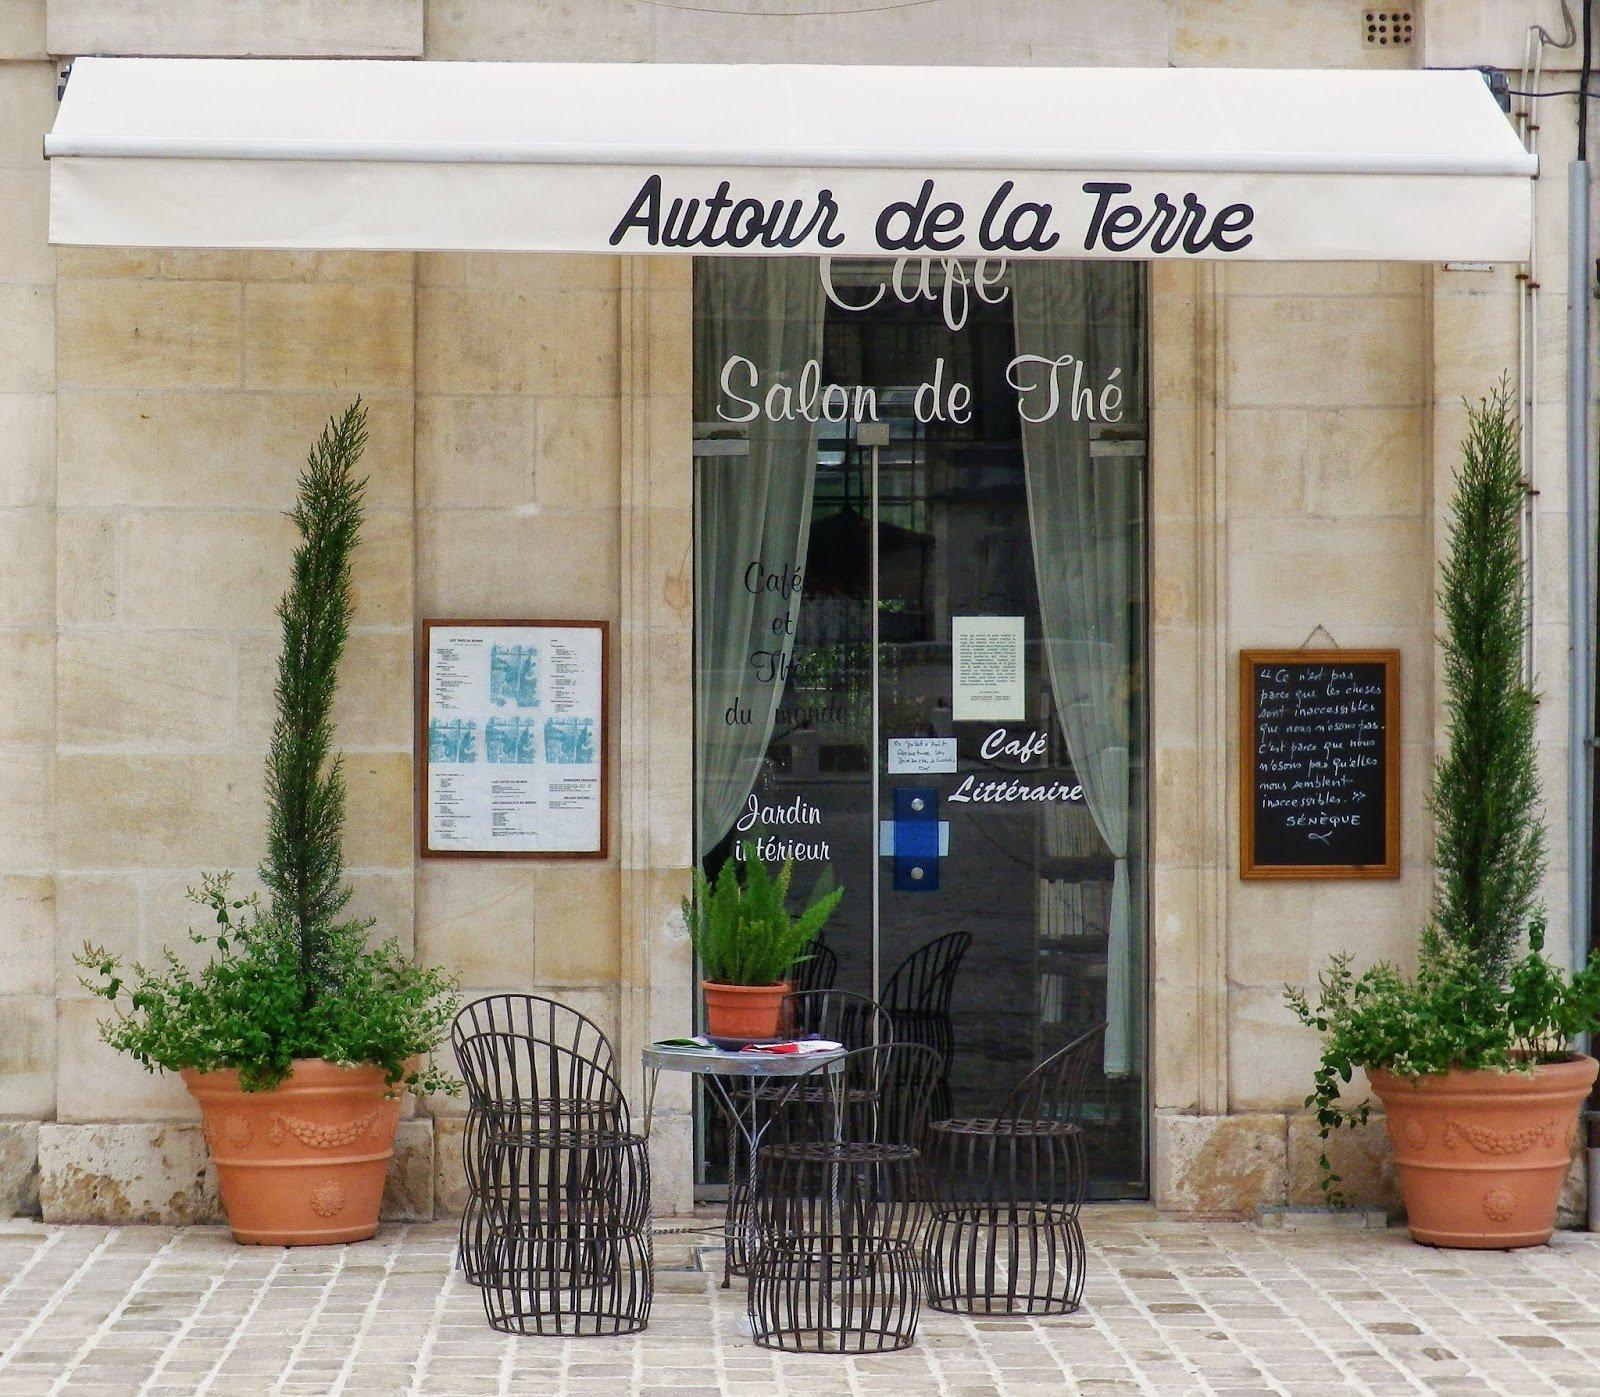 Autour de la Terre - Un Café, salon de thé hors du commun. 5